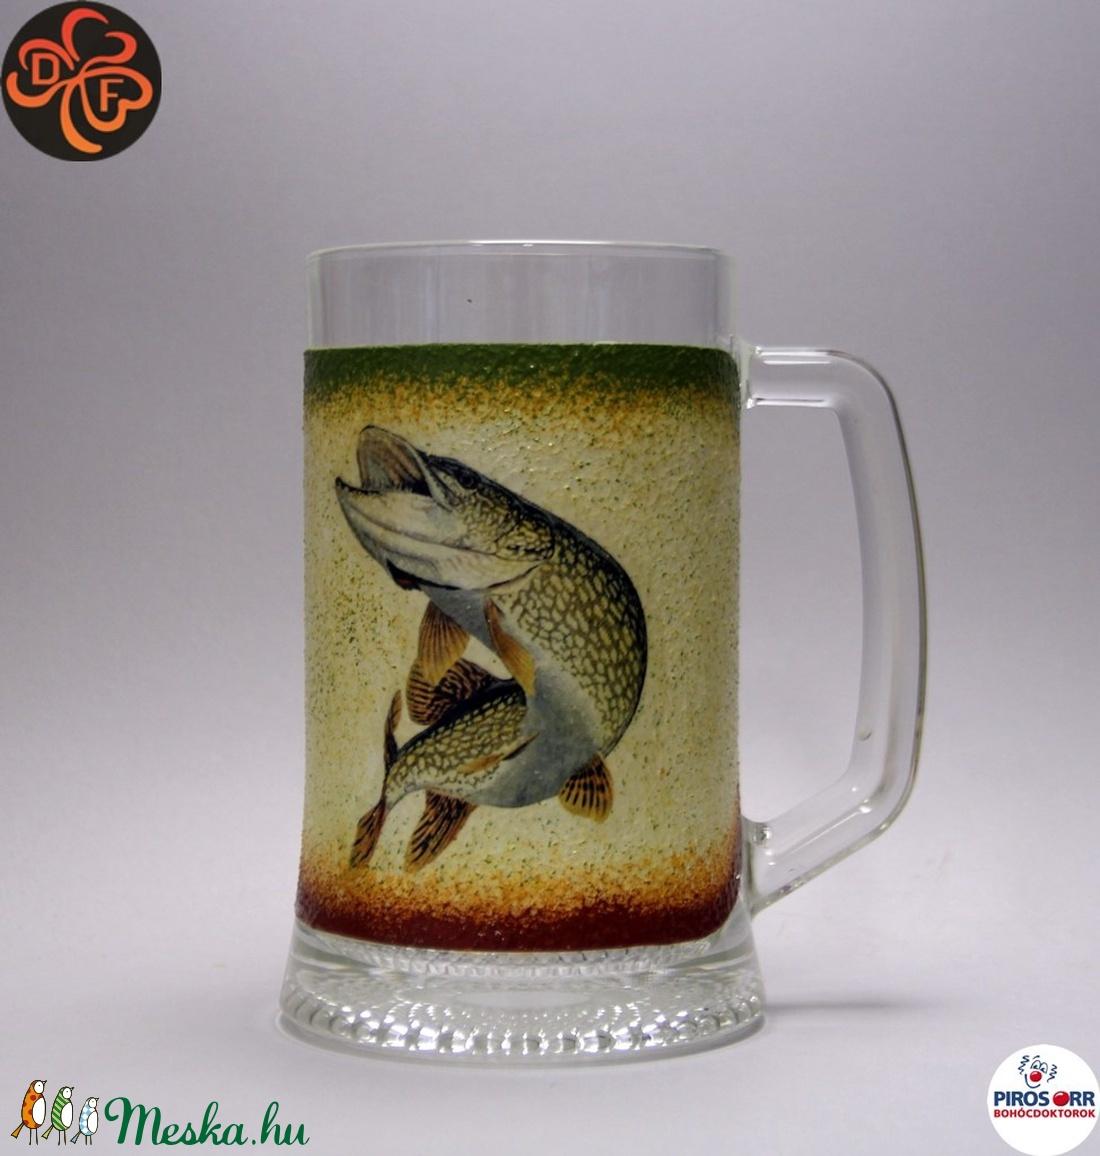 Horgász- csuka motívummal díszített -sörös korsó . A horgászat szerelmeseinek . Saját fogások fotóival is ! (decorfantasy) - Meska.hu